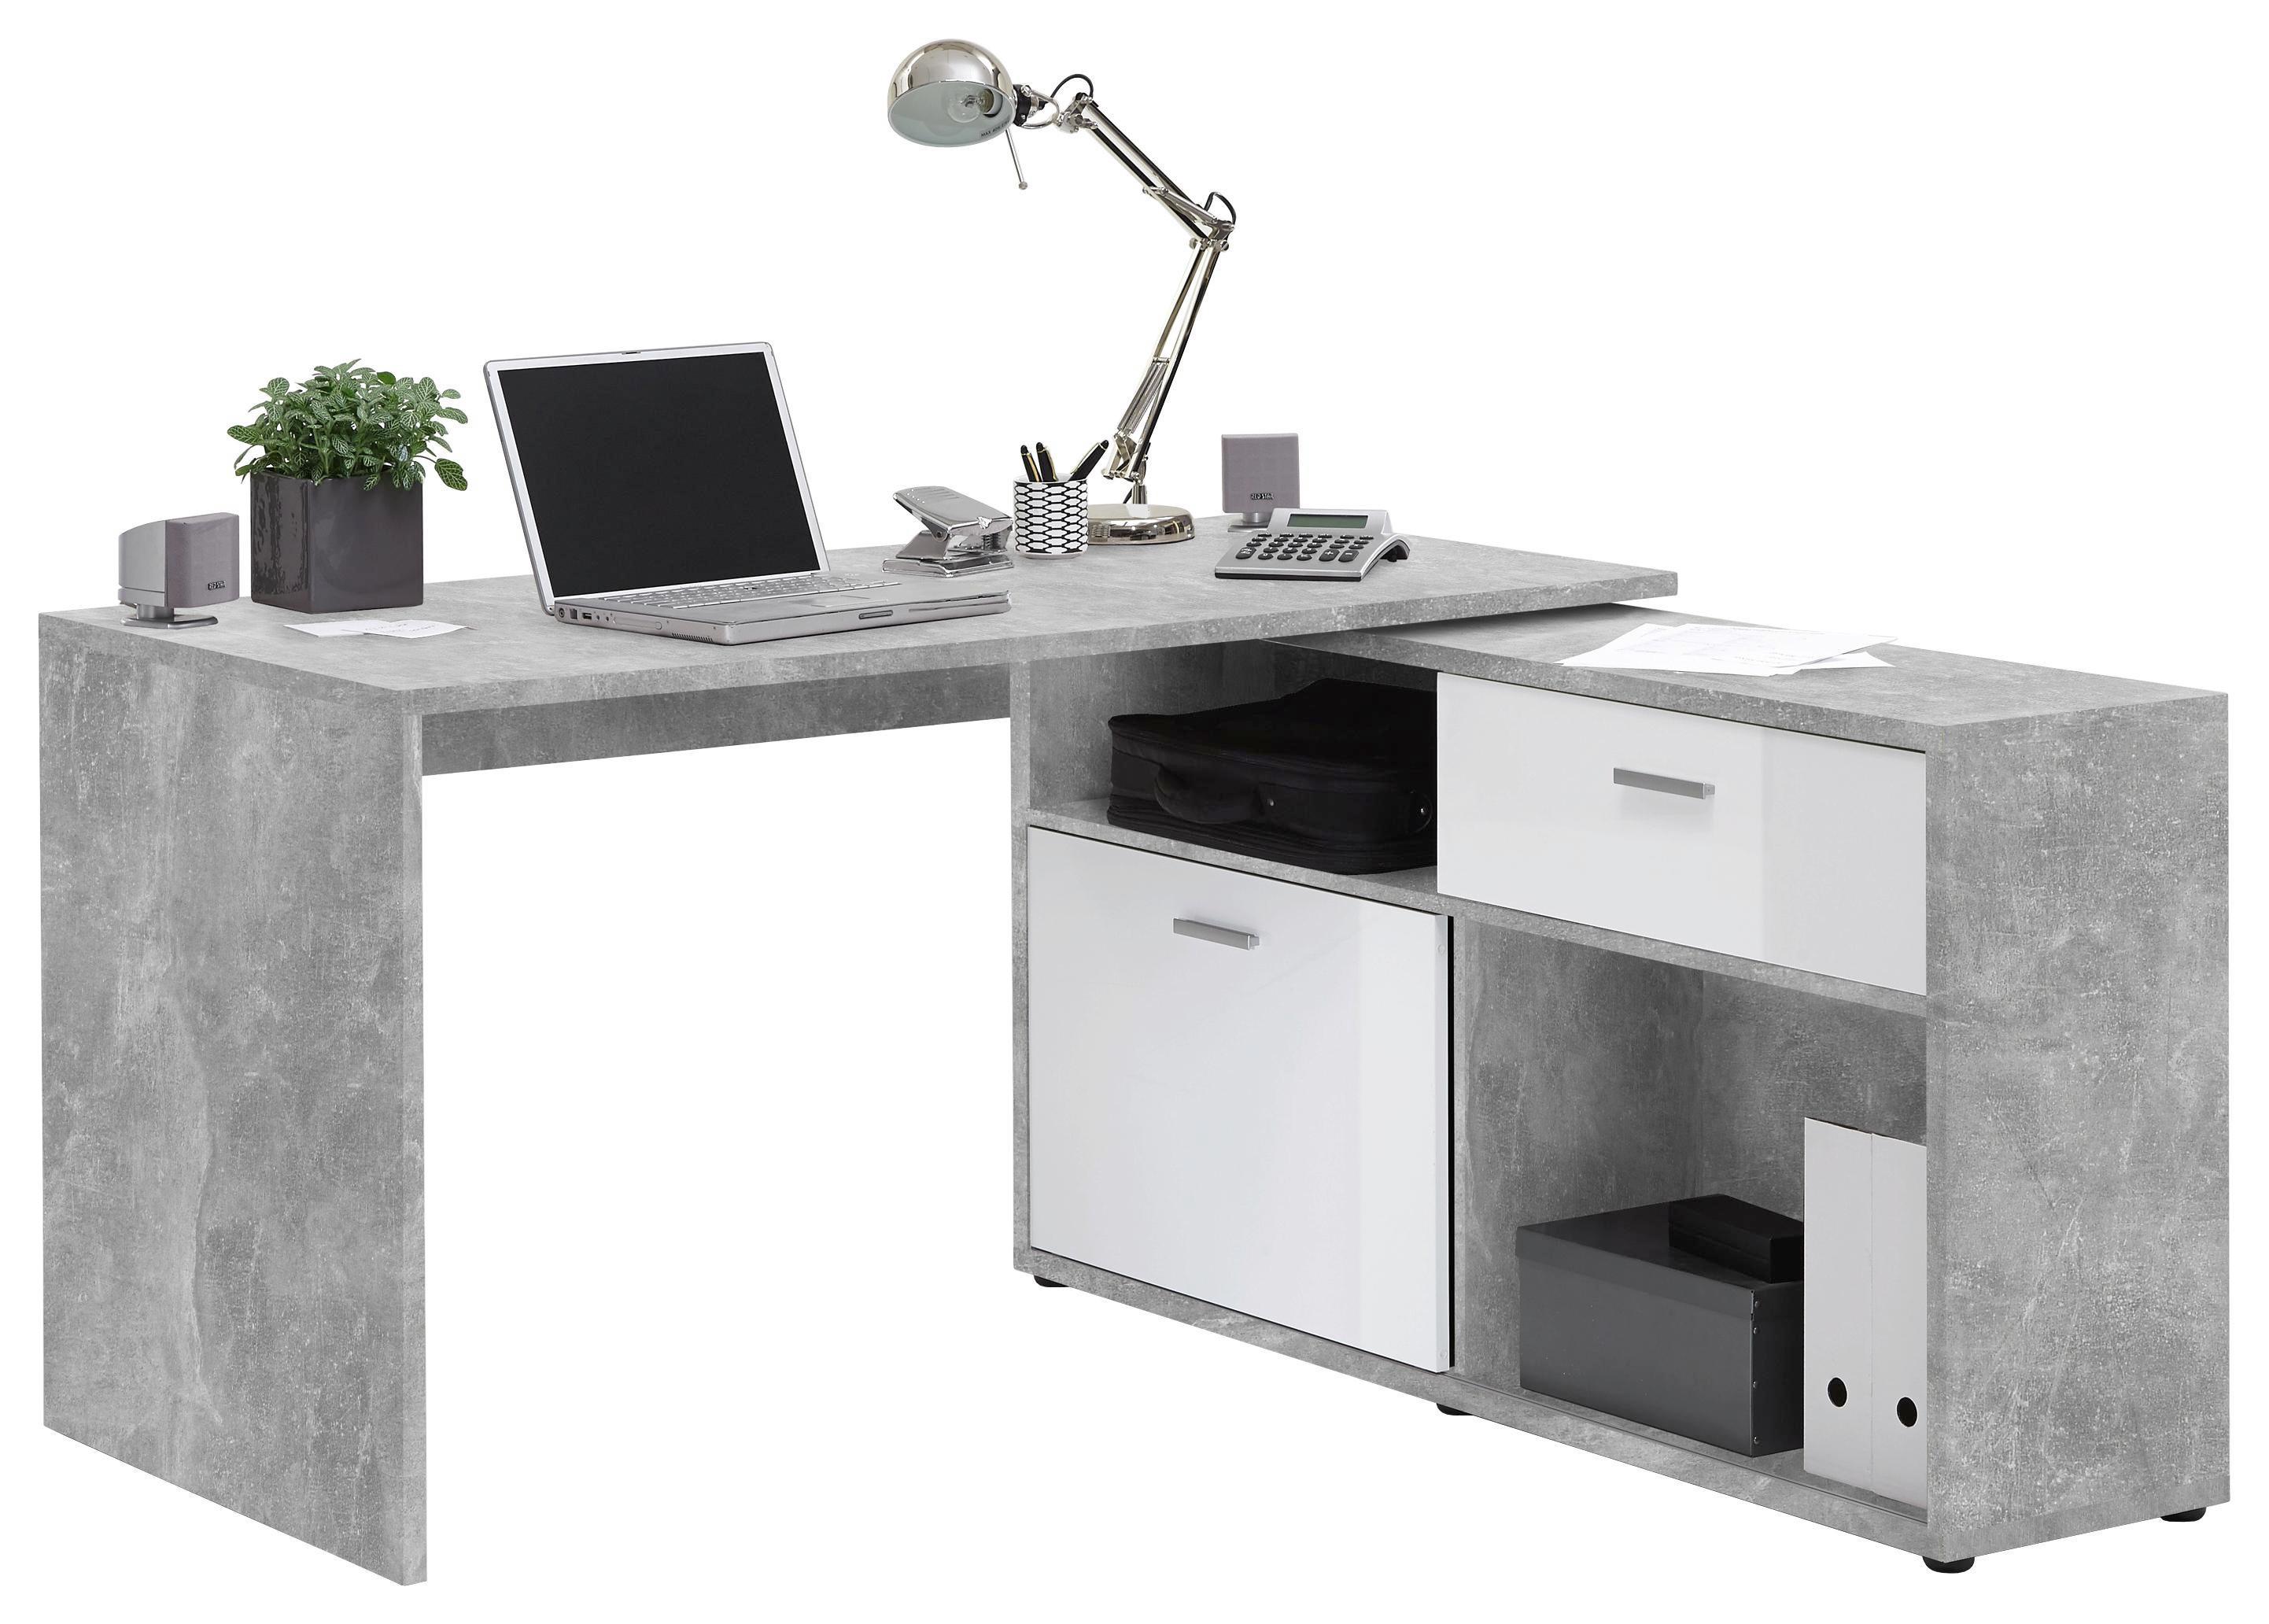 Eckschreibtisch weiß holz  Eckschreibtisch in Weiß/Grau online kaufen ➤ mömax